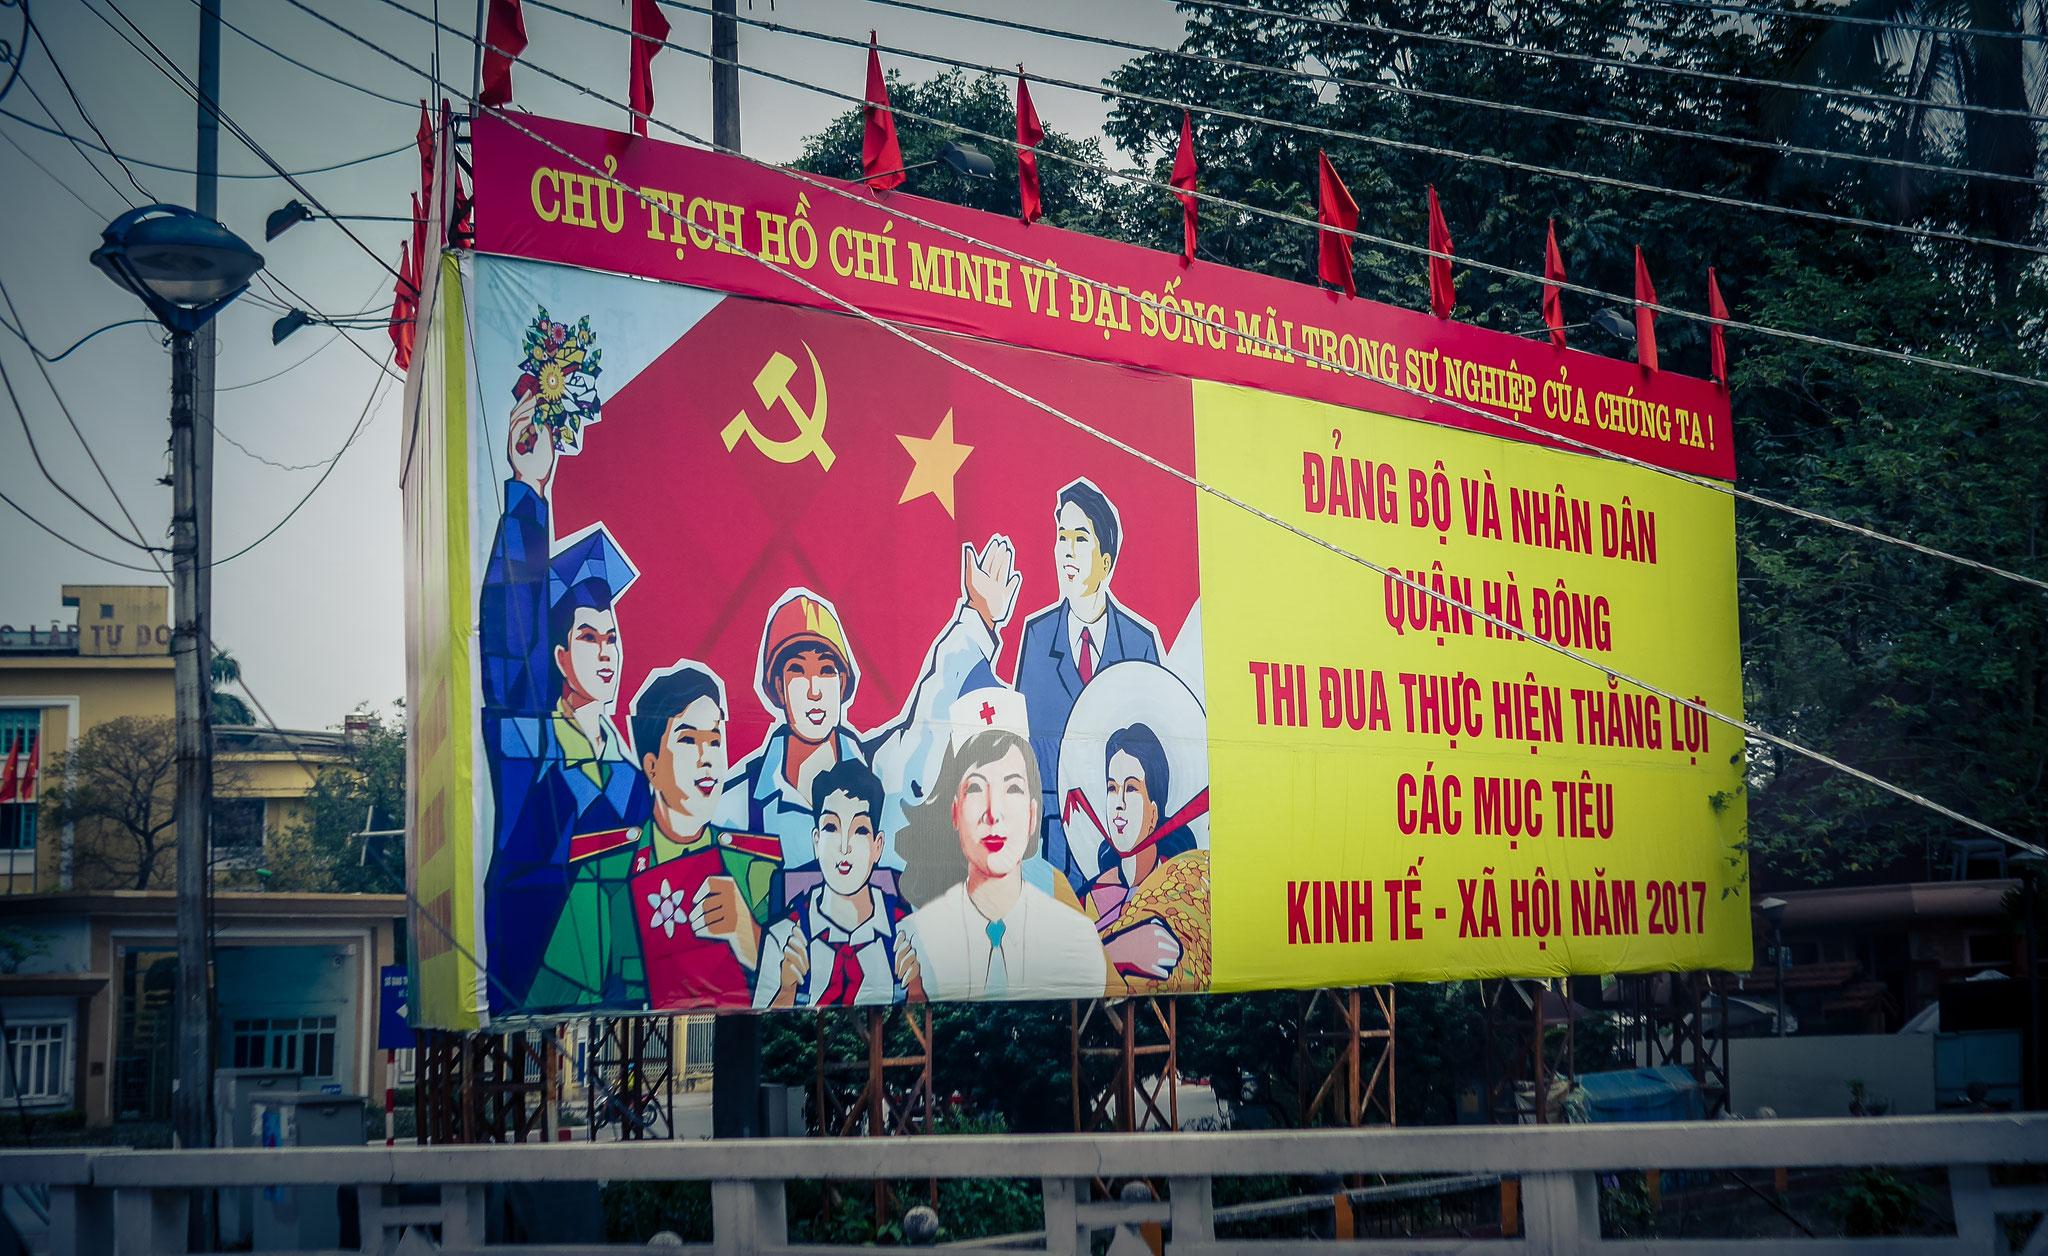 Hanoi - Plakate der Partei